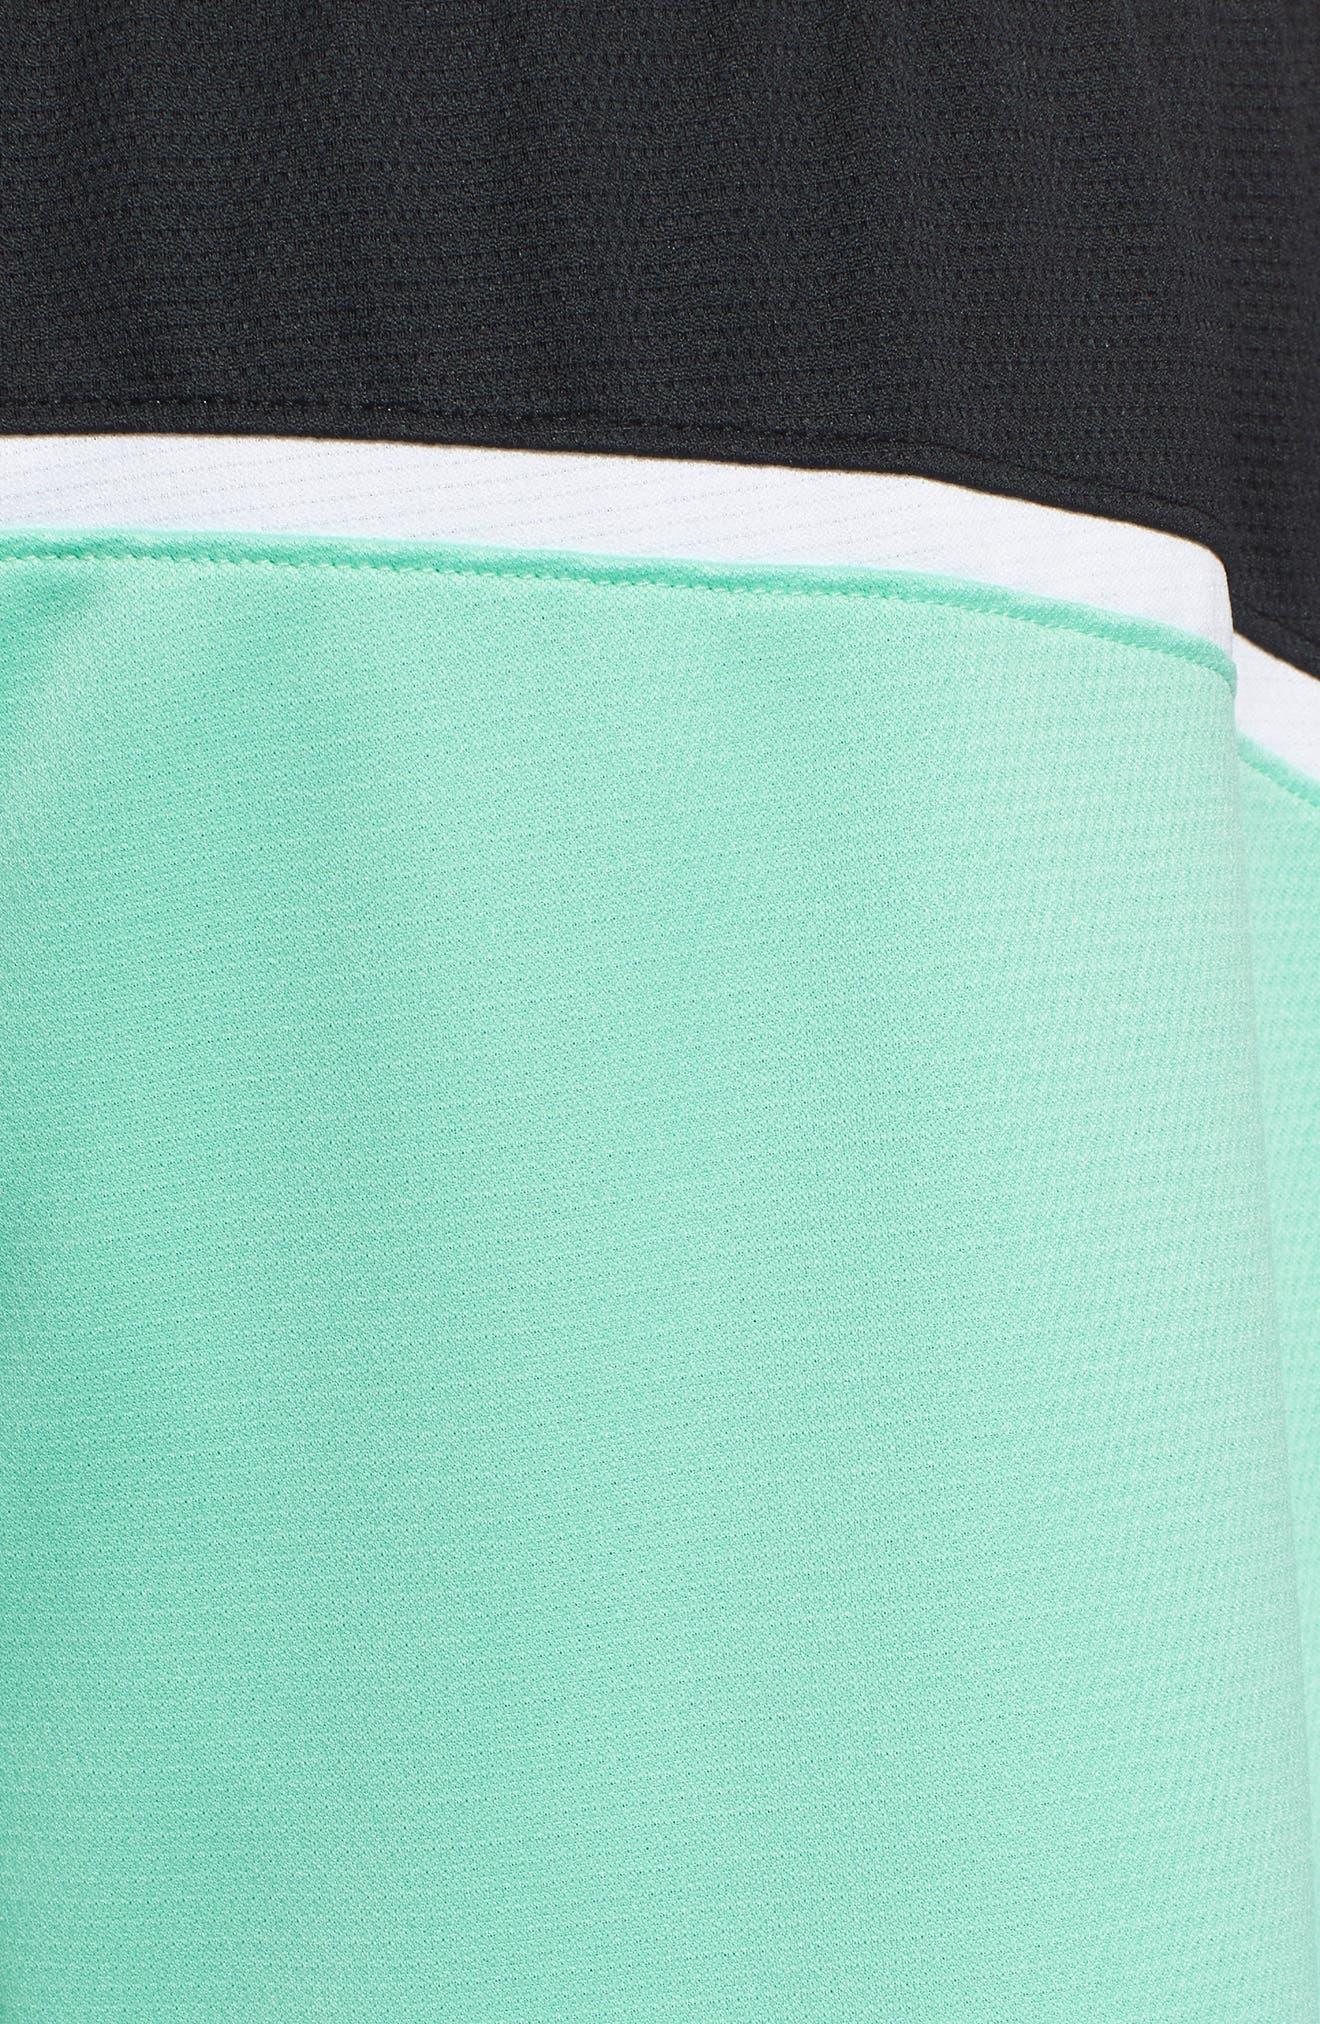 Jordan Dry Flight Shorts,                             Alternate thumbnail 3, color,                             Emerald Rise/ Black/ White